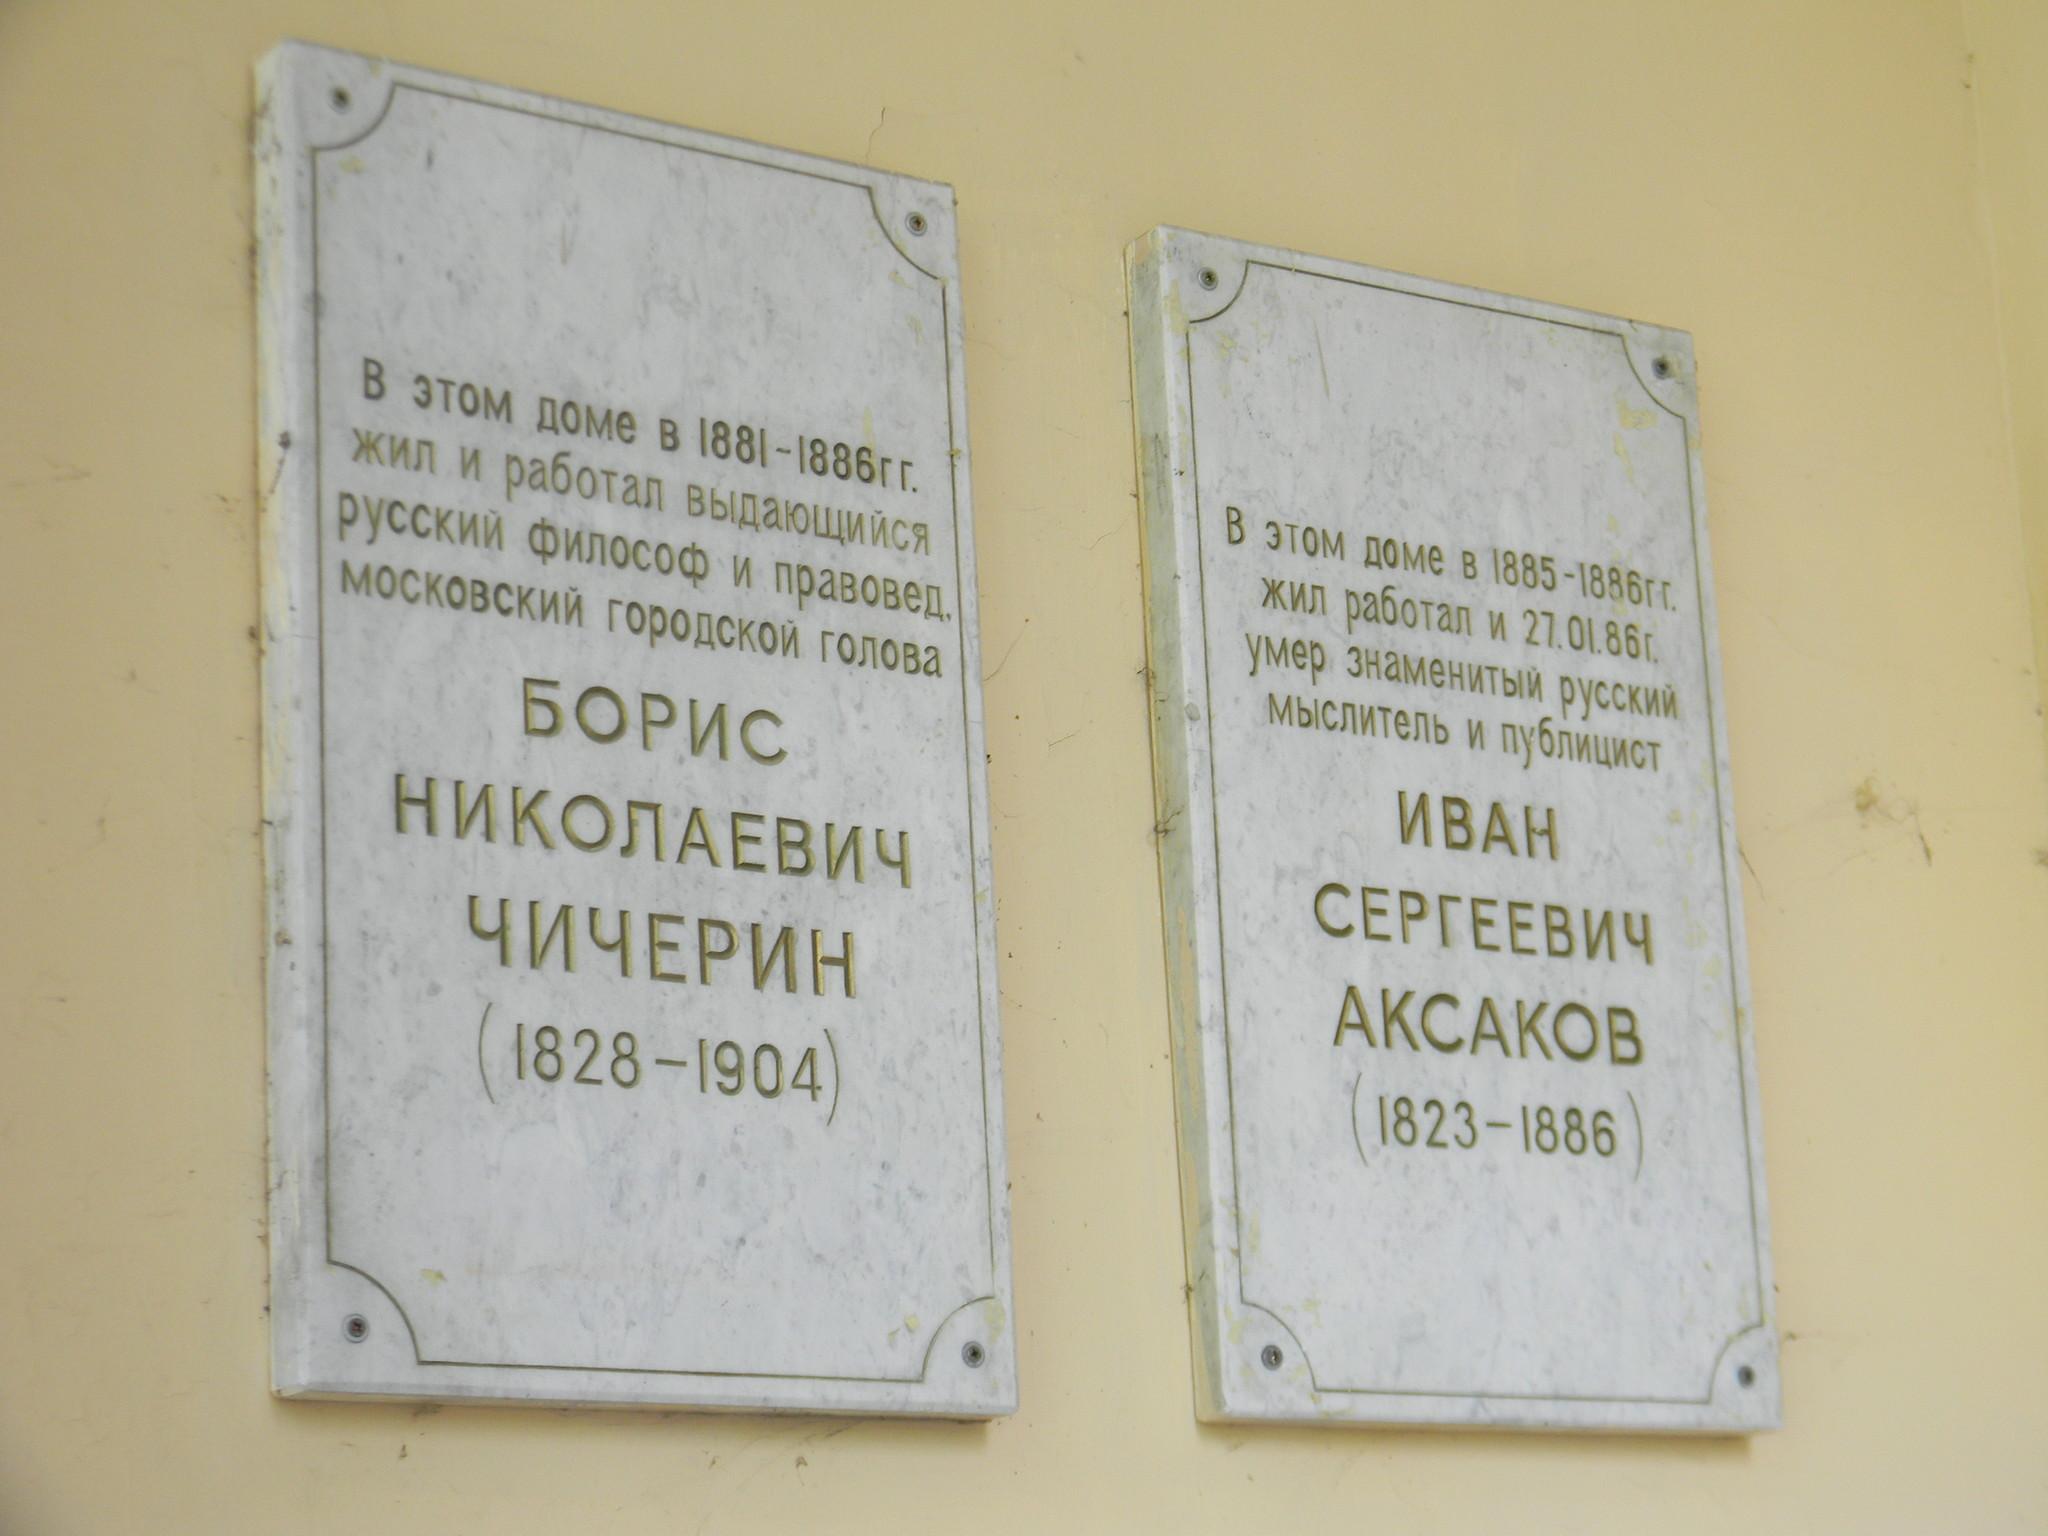 Мемориальные доски установленные на здании усадьбы Голицыных (улица Волхонка, дом 14, строение 5)